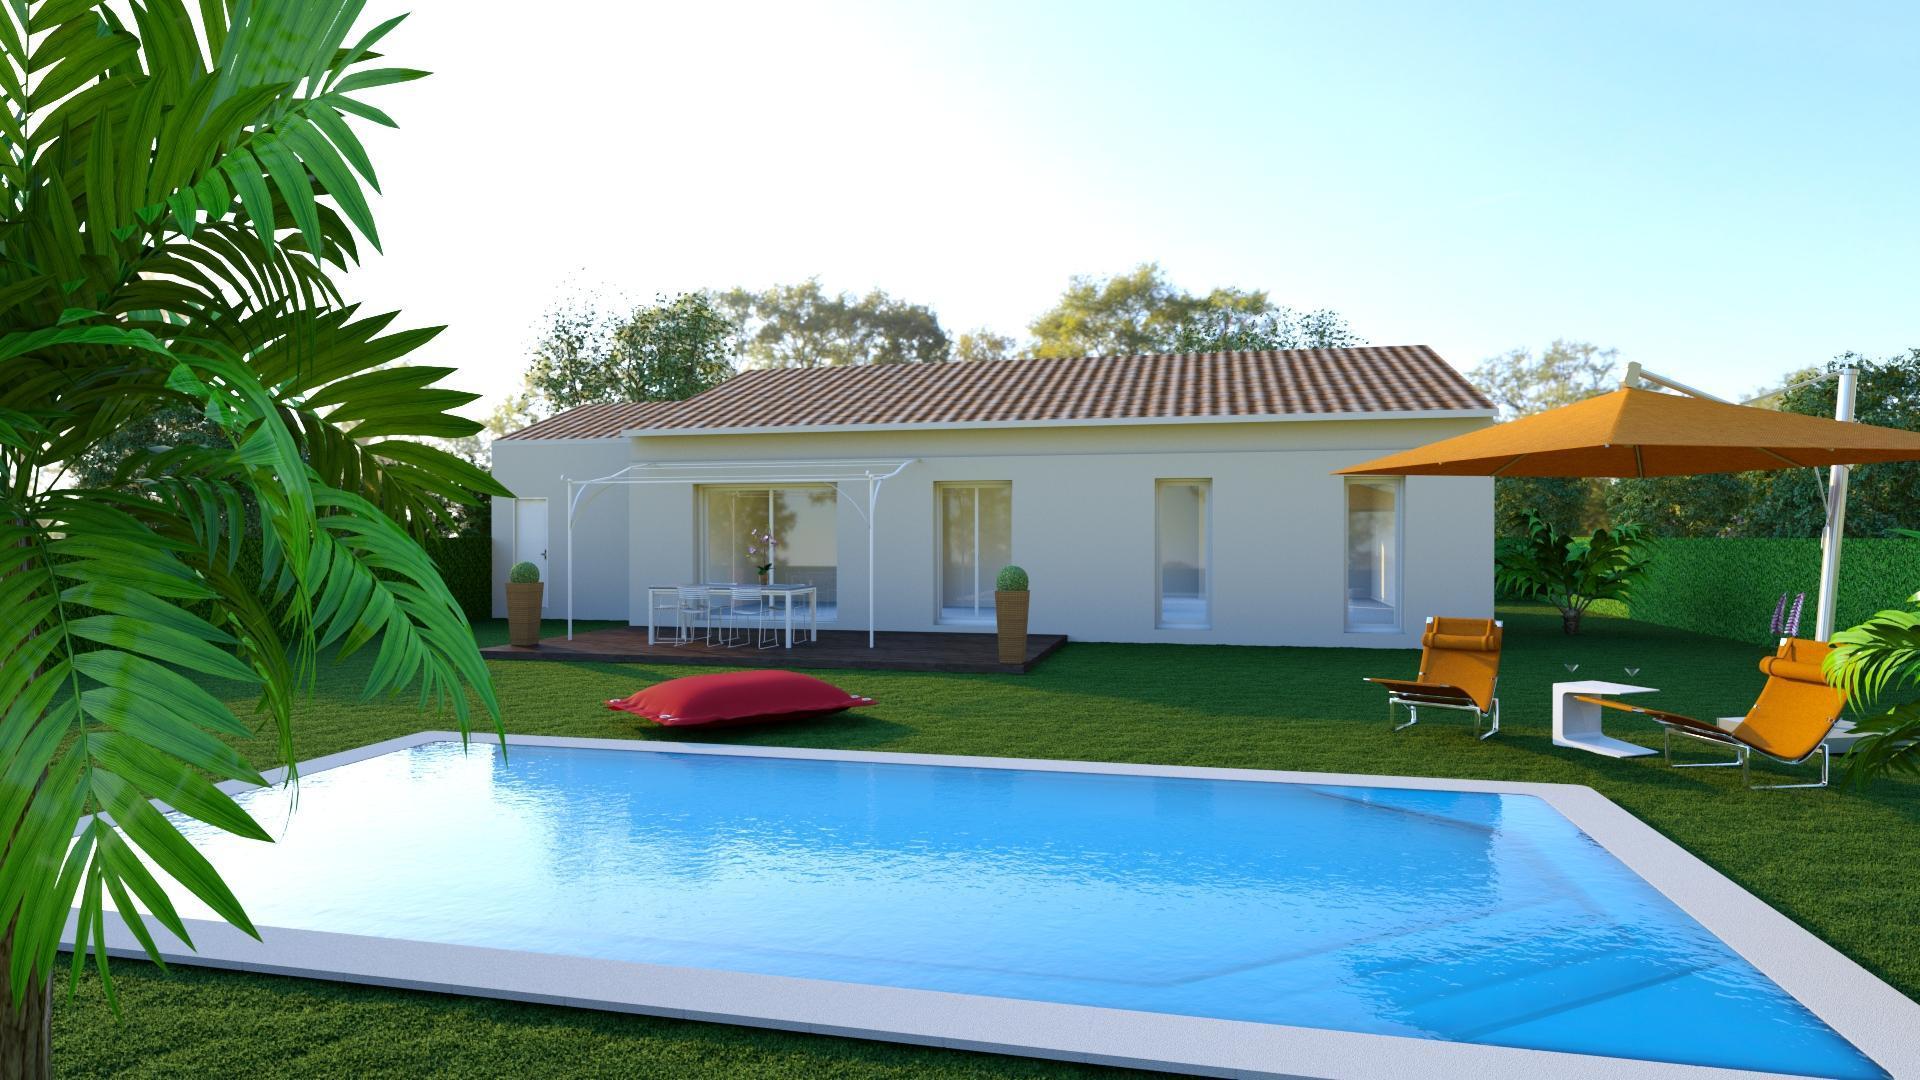 Maisons + Terrains du constructeur Maisons Serge Olivier • 100 m² • MEYNES